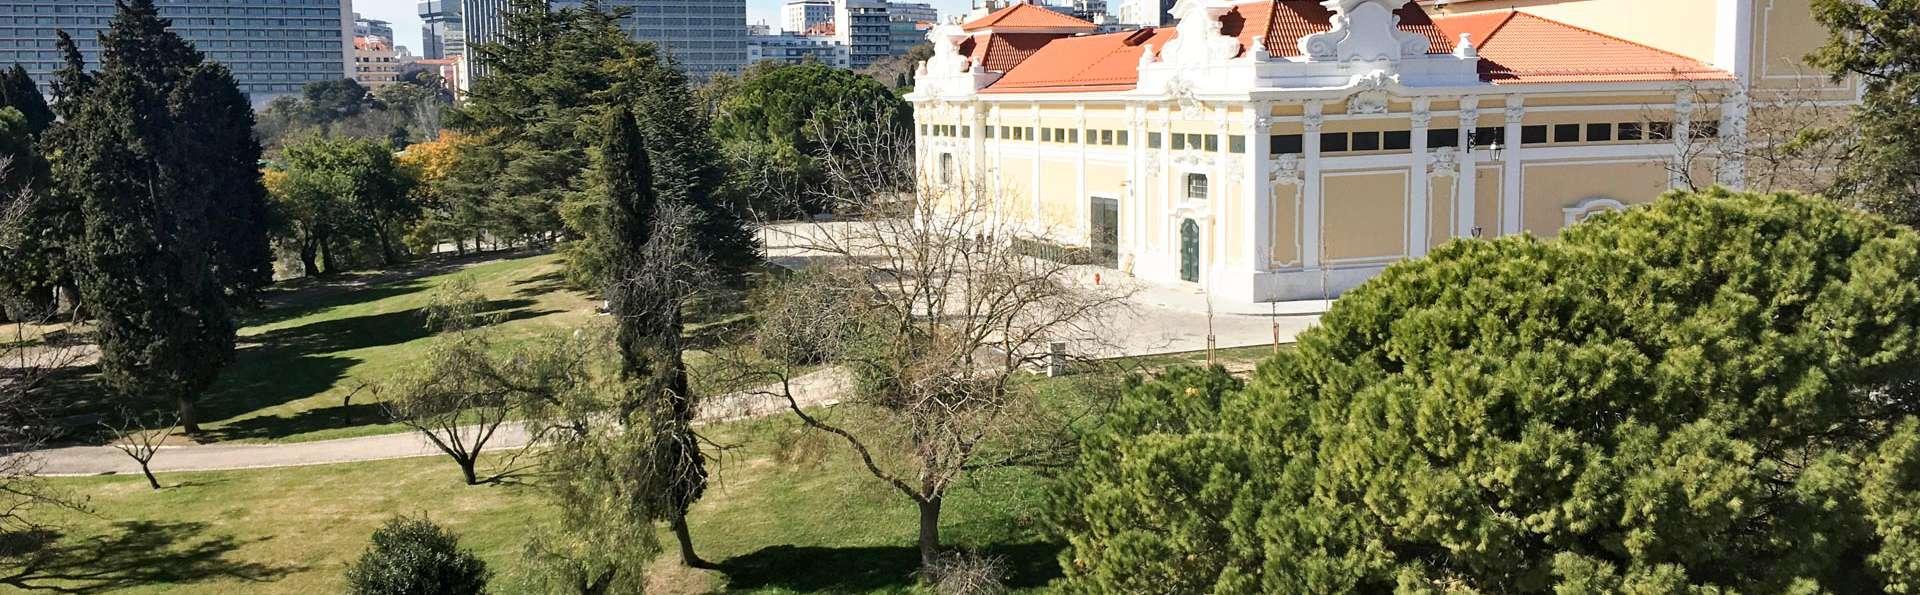 Hotel Miraparque - EDIT_FRONT_02.jpg